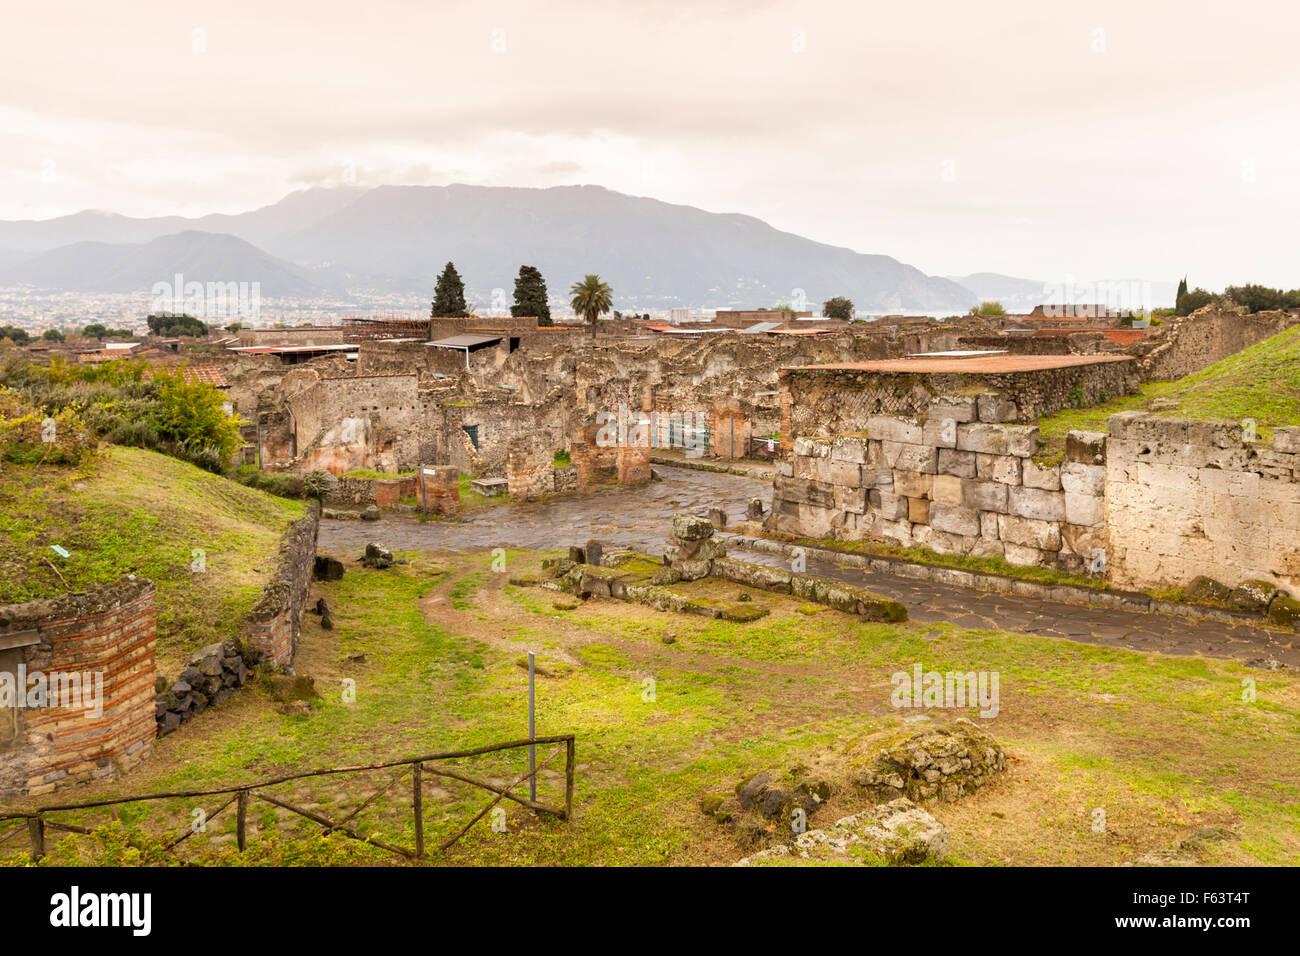 Die antike römische Stadt Ruinen von Pompeji, ein UNESCO-Weltkulturerbe in der Nähe von Neapel, Italien Stockbild